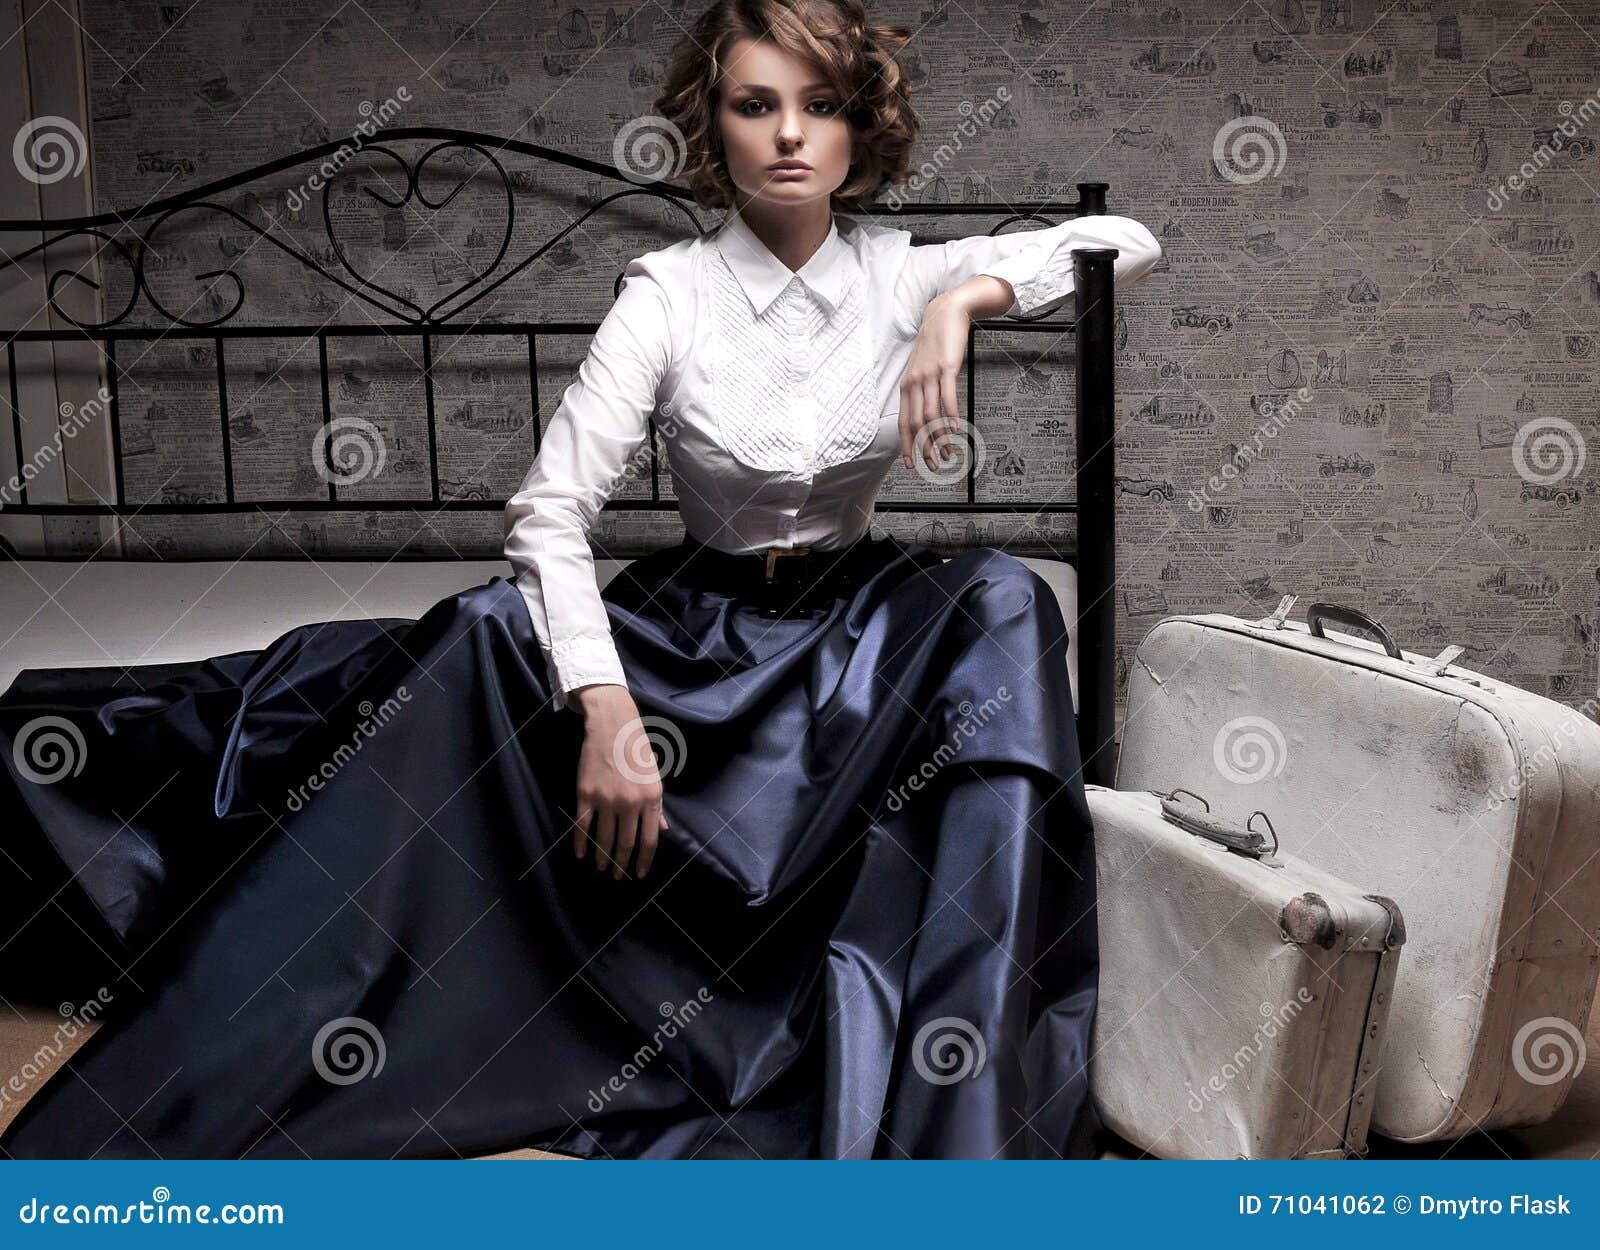 29ffb4781bad6b Mooie Vrouw In Lange Rok En Witte Blouse Stock Foto - Afbeelding ...